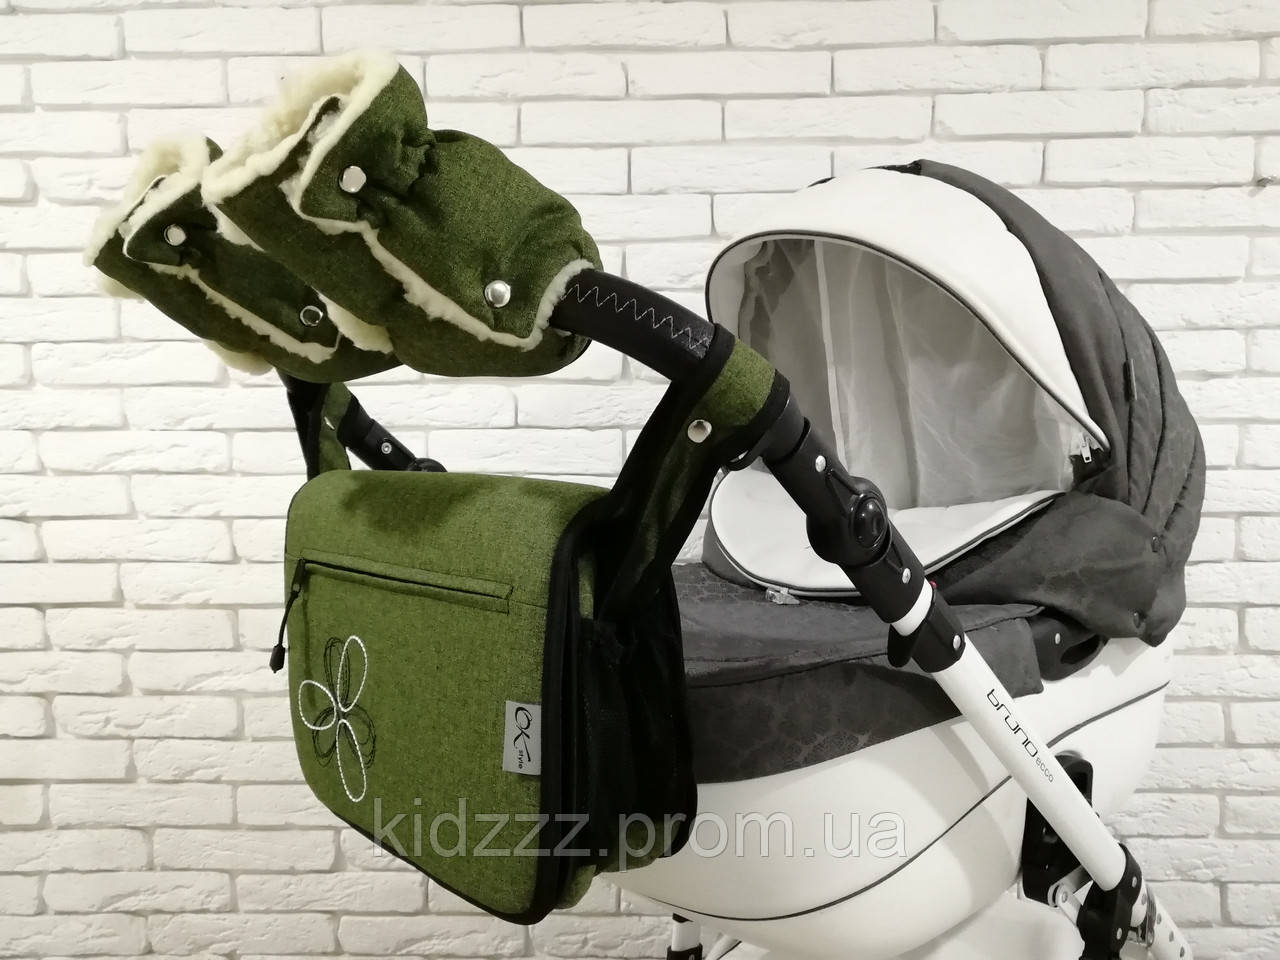 Комплект сумка и рукавички на коляску Ok Style Цветок Лен (Зеленый хаки)